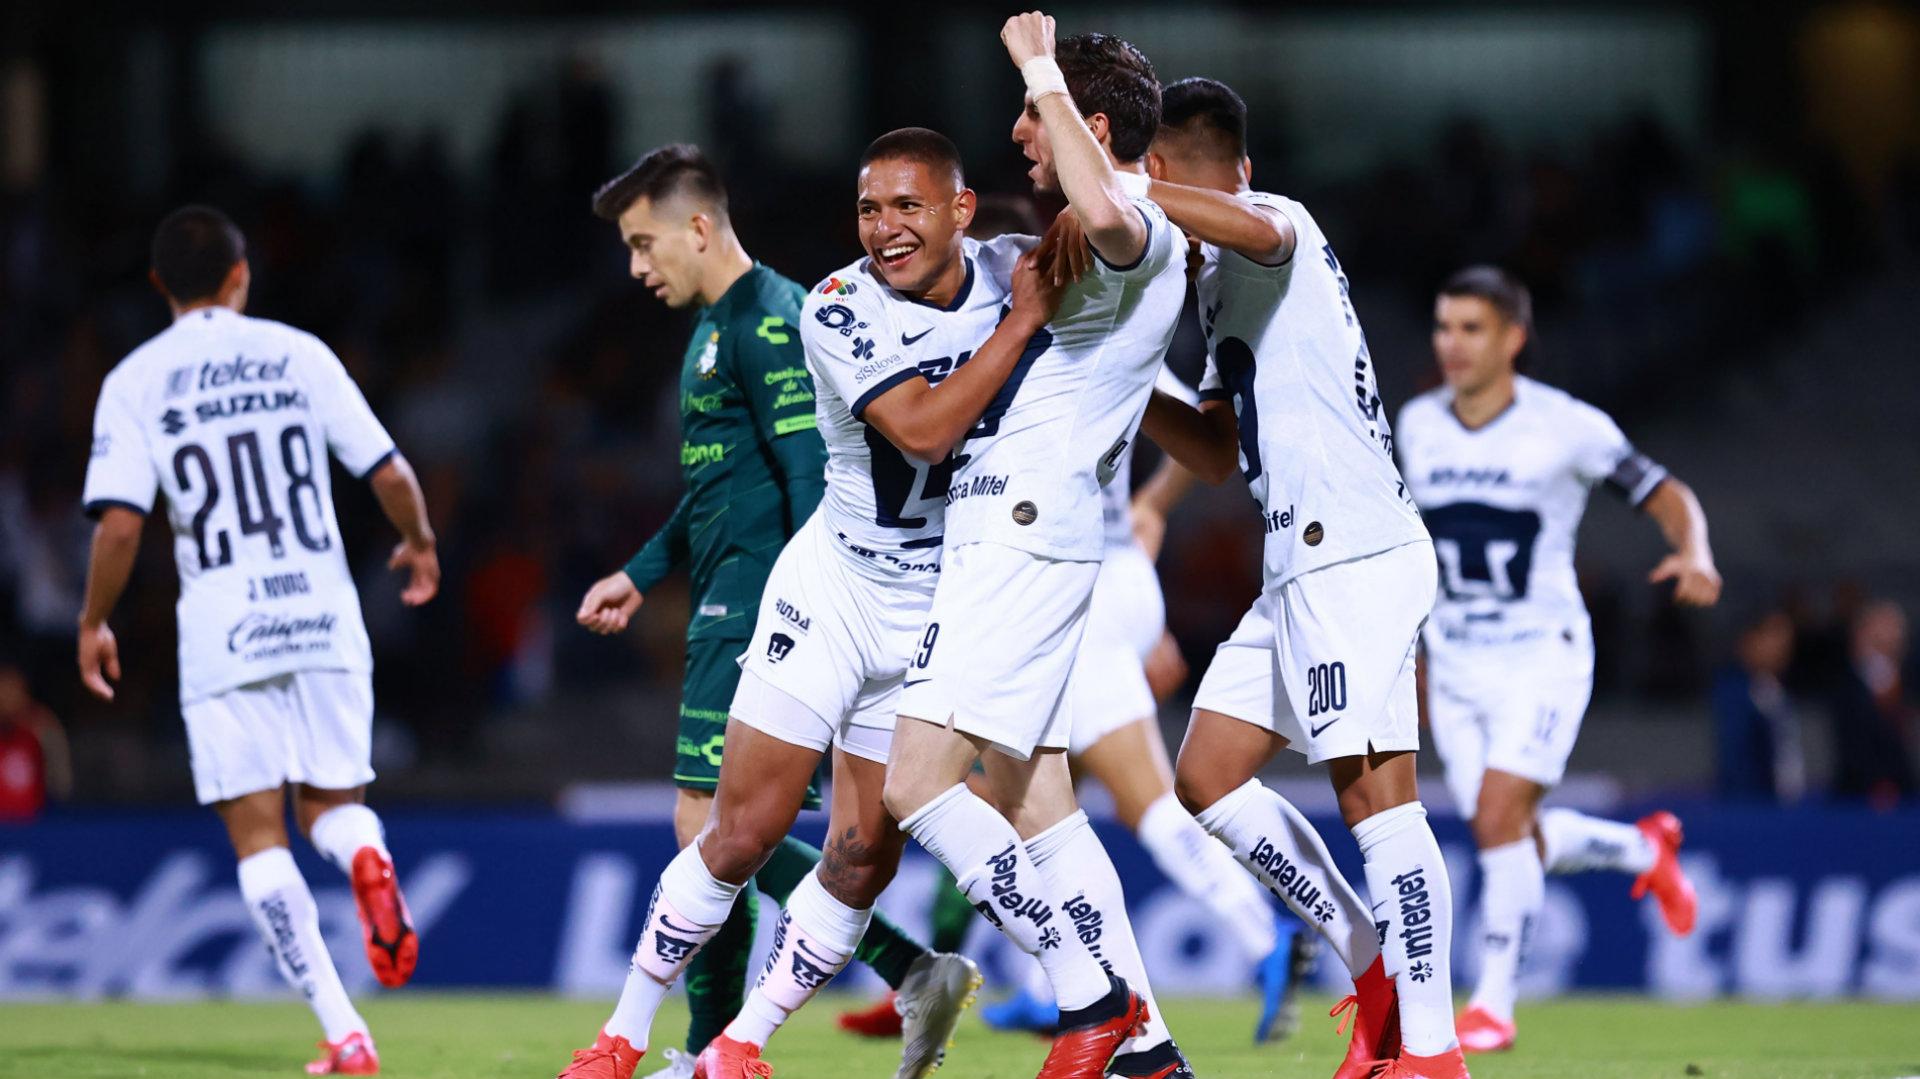 Busca Pumas alargar invicto y retener el Superliderato — Liga MX